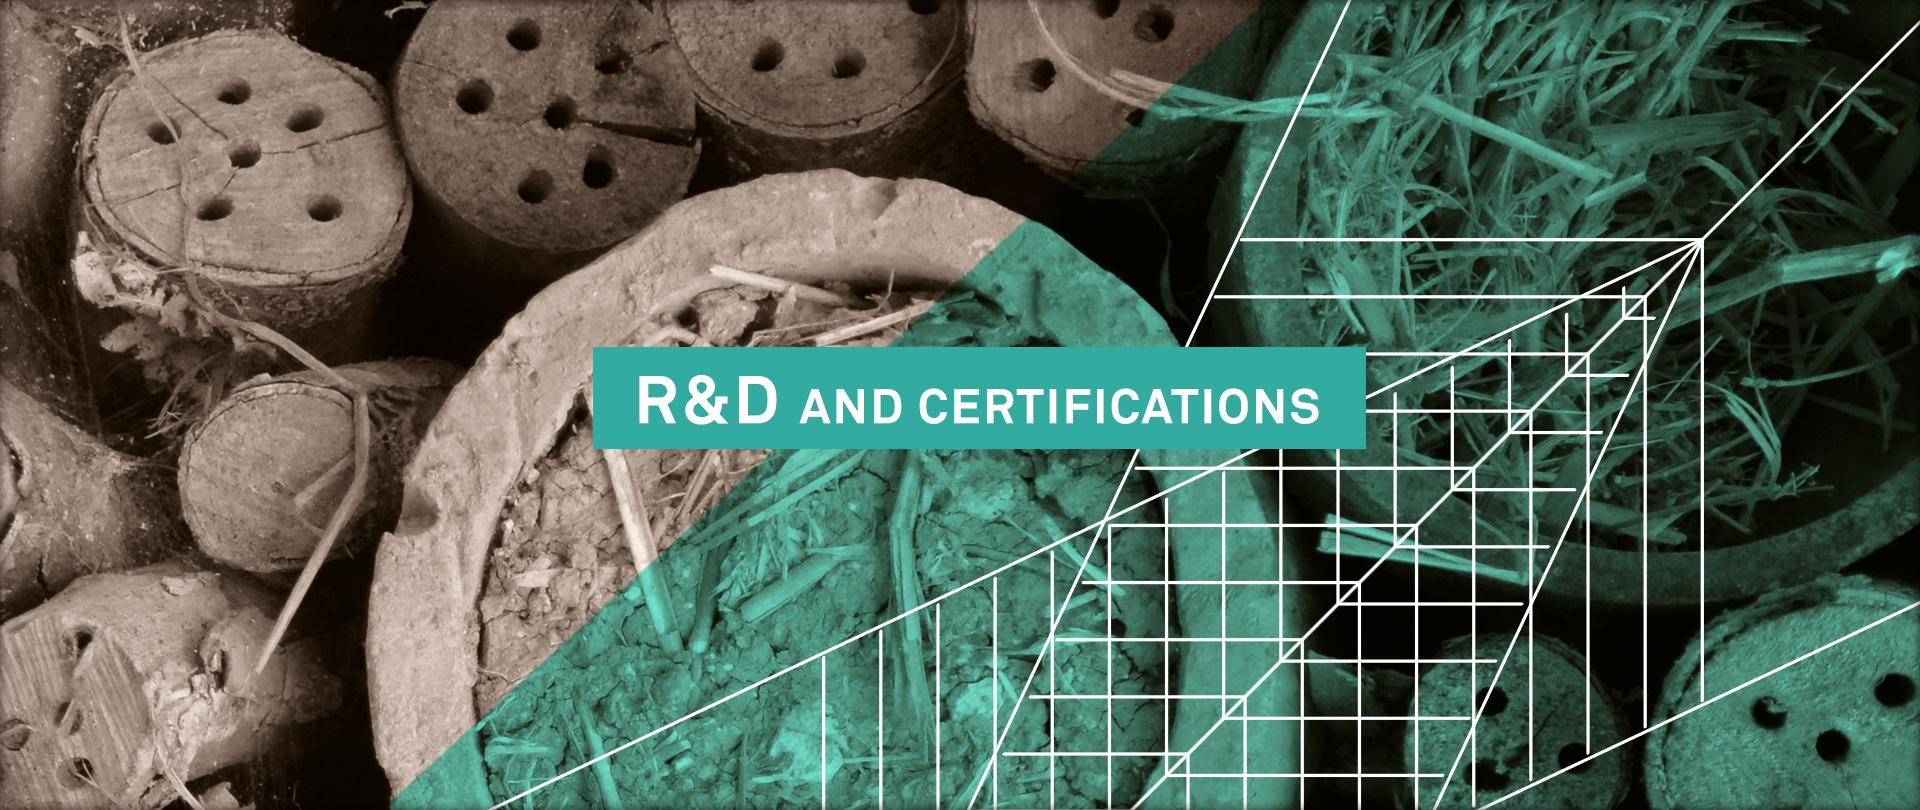 R&D_DE zertifizierungen cortijo el puerto biodynamisch